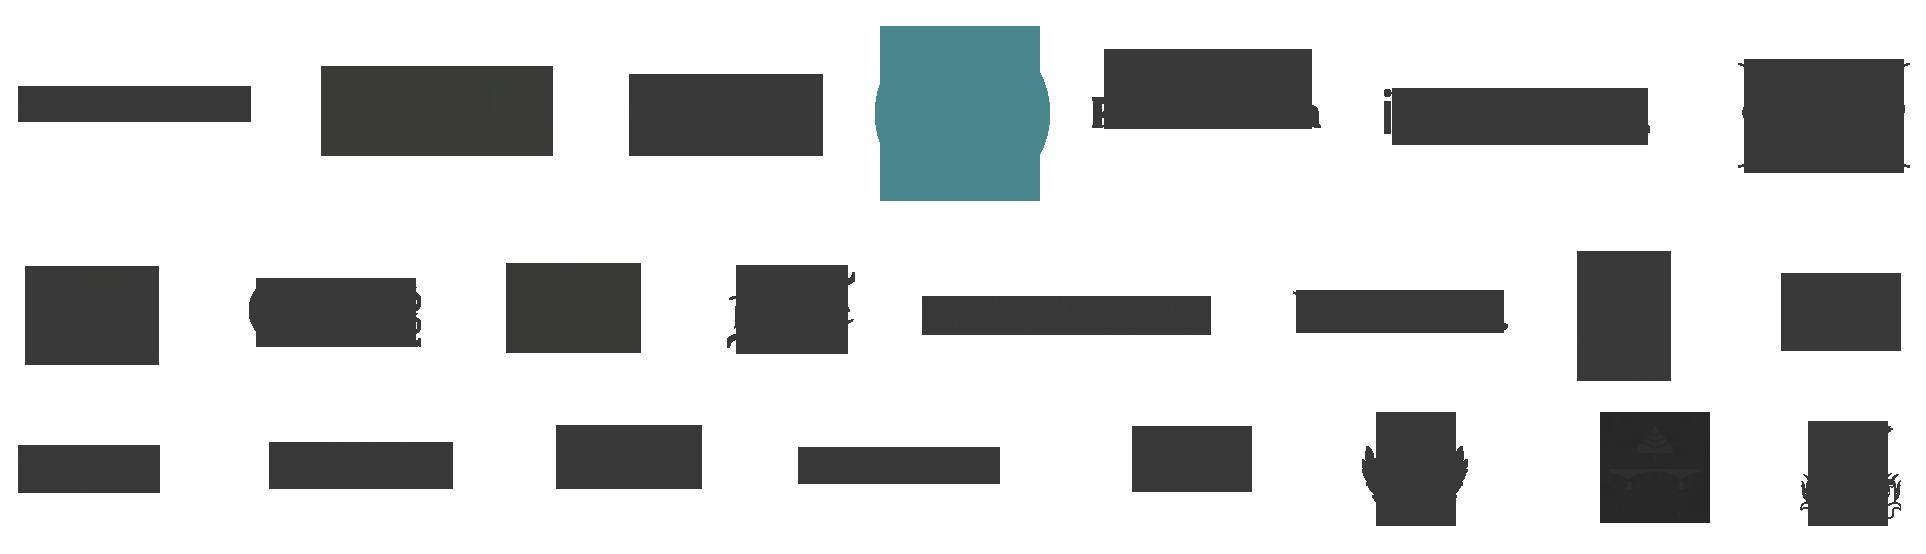 5. UTT-130 sponsors